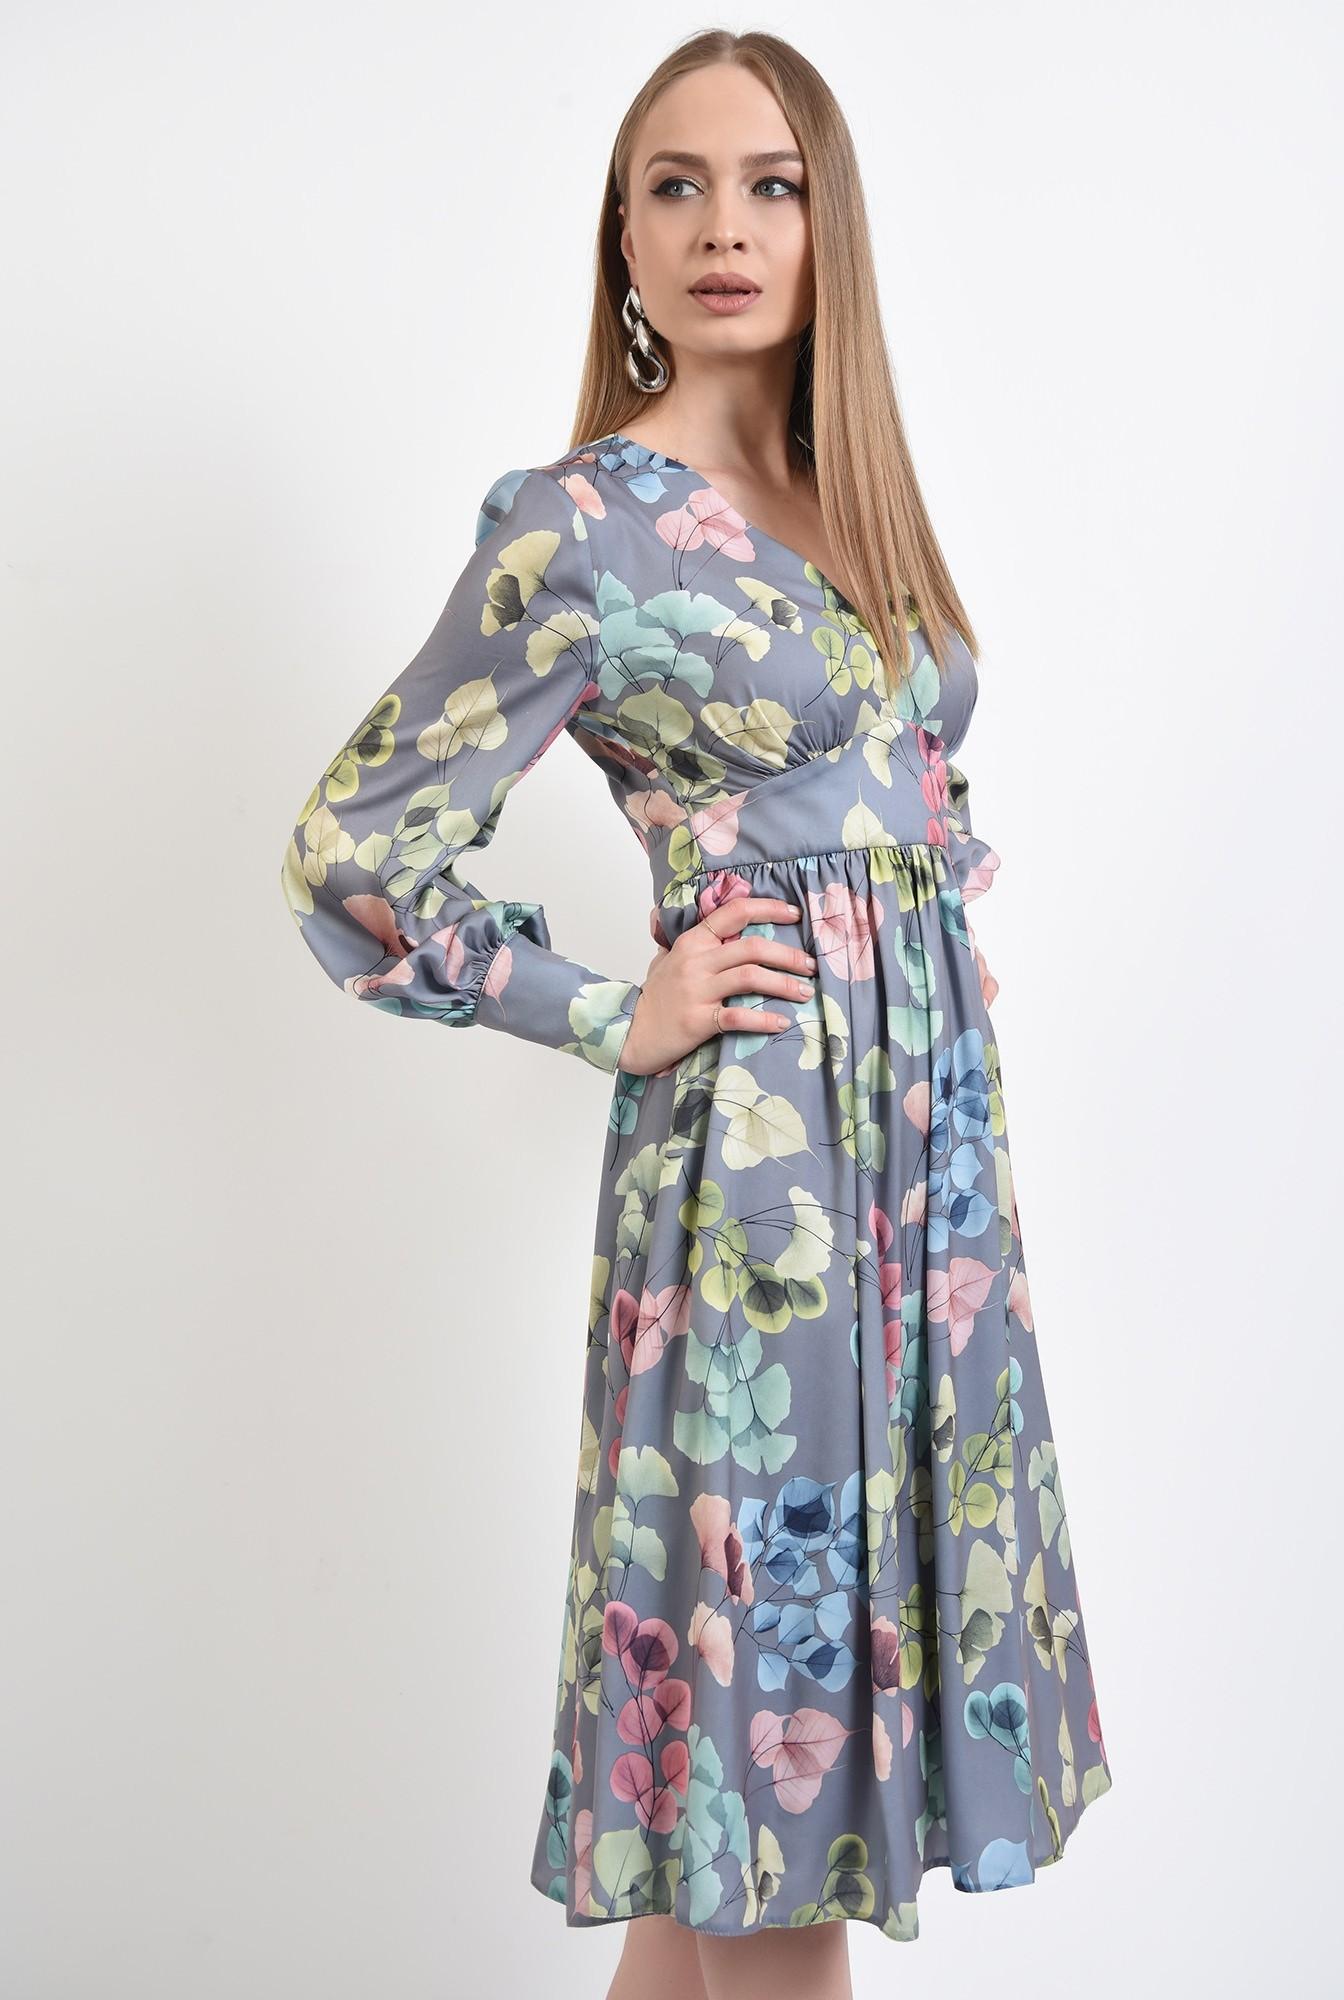 0 - 360 - rochie eleganta, midi, cu flori, maneci lungi, anchior, betelie contur